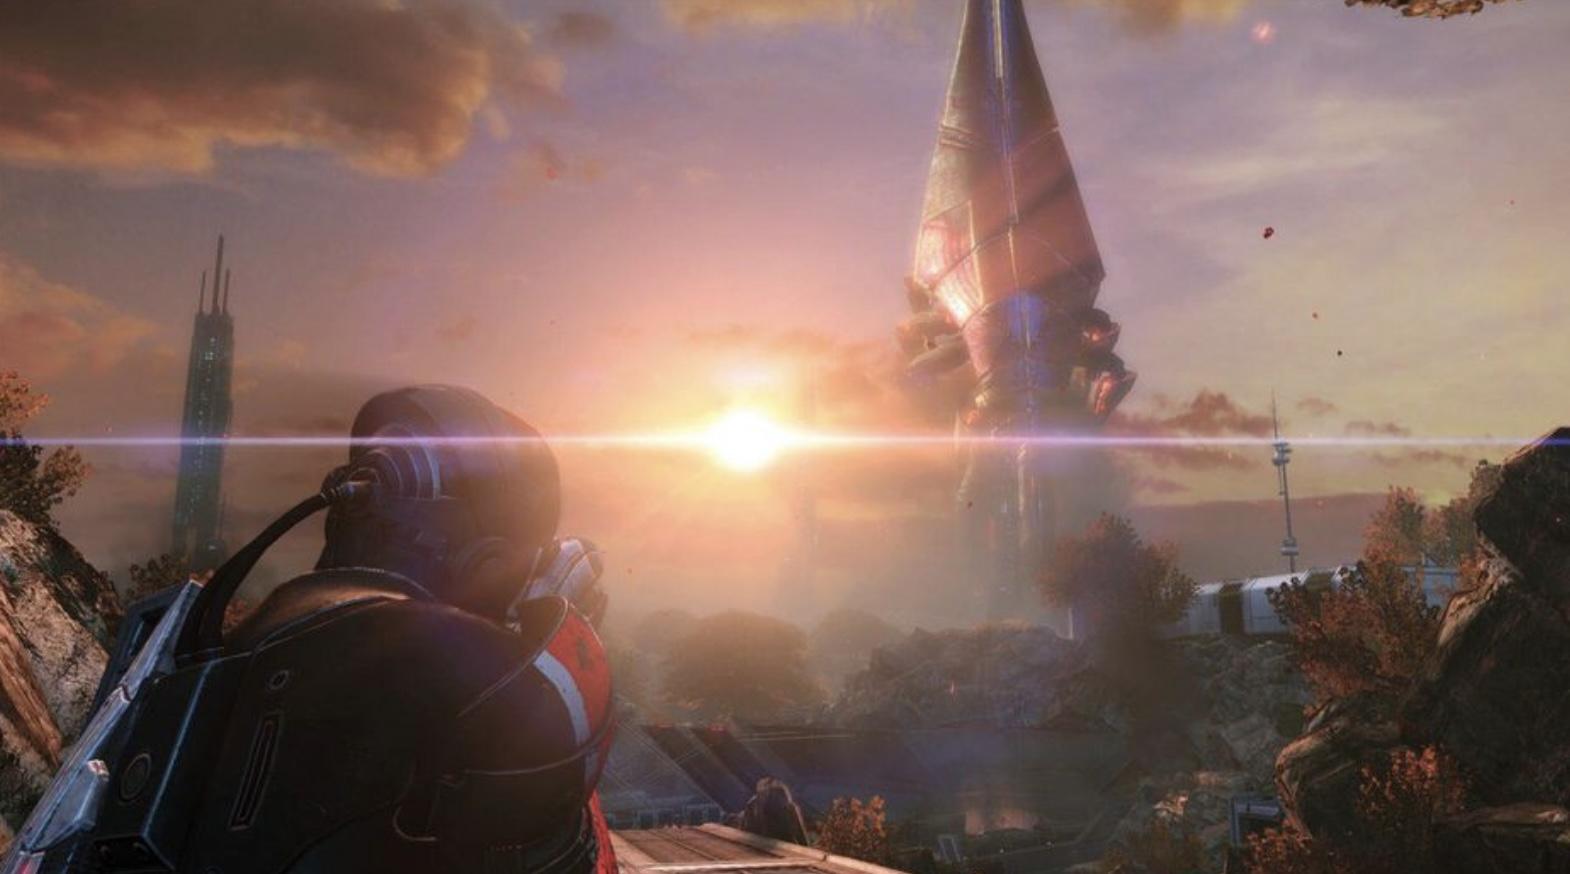 Mass Effect Legendary Edition Update 1.03